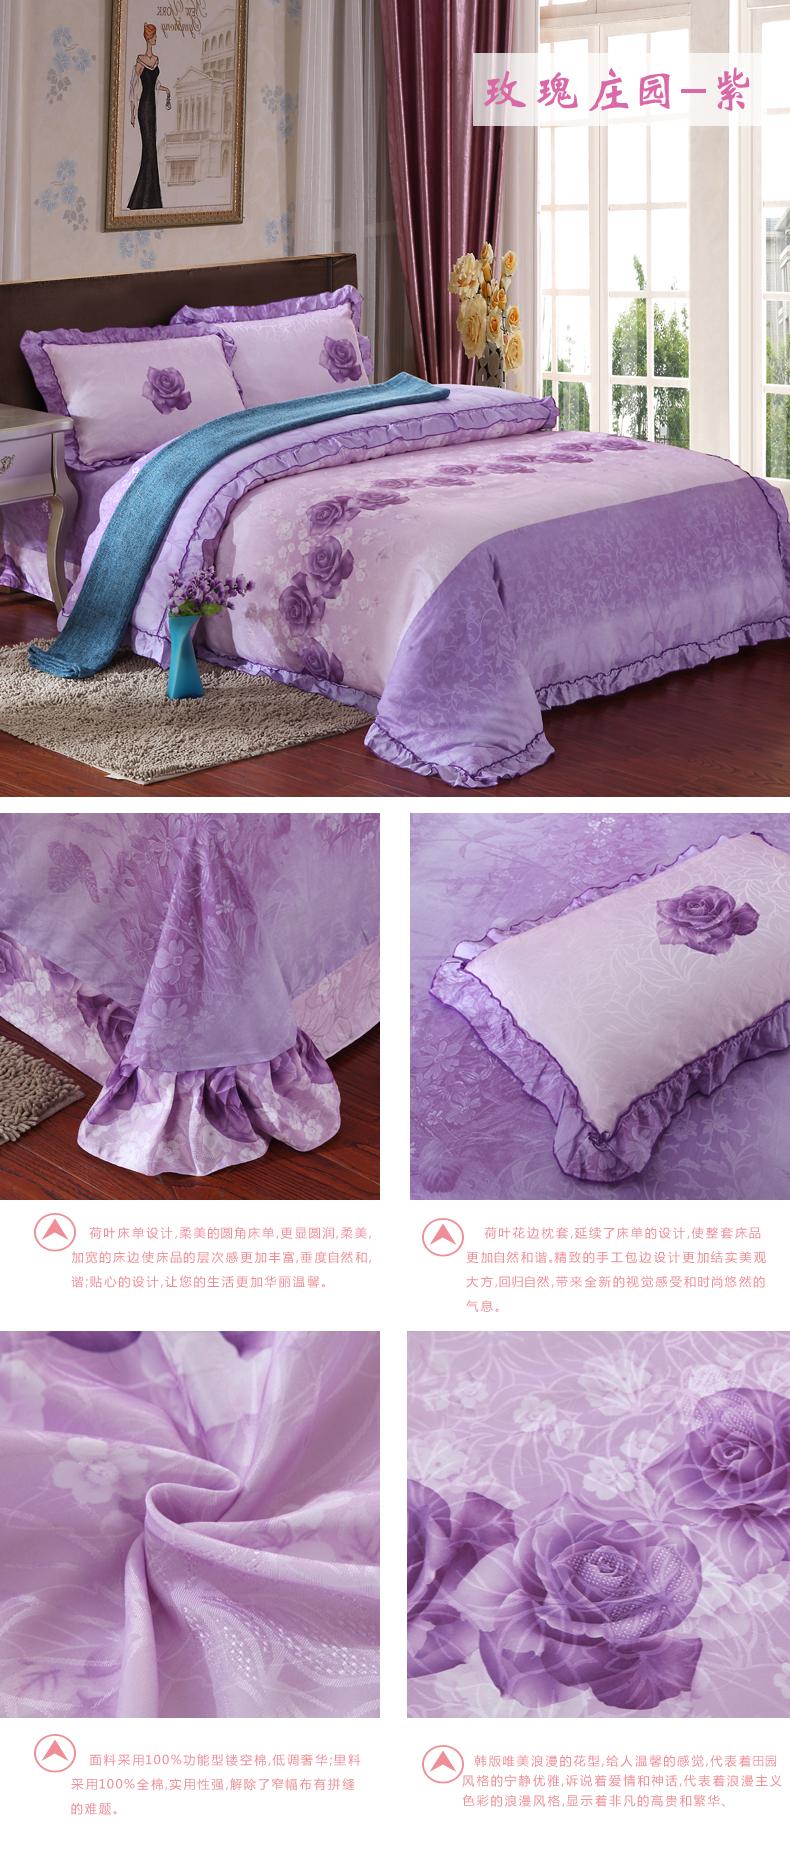 玫瑰庄园(紫)副本.jpg